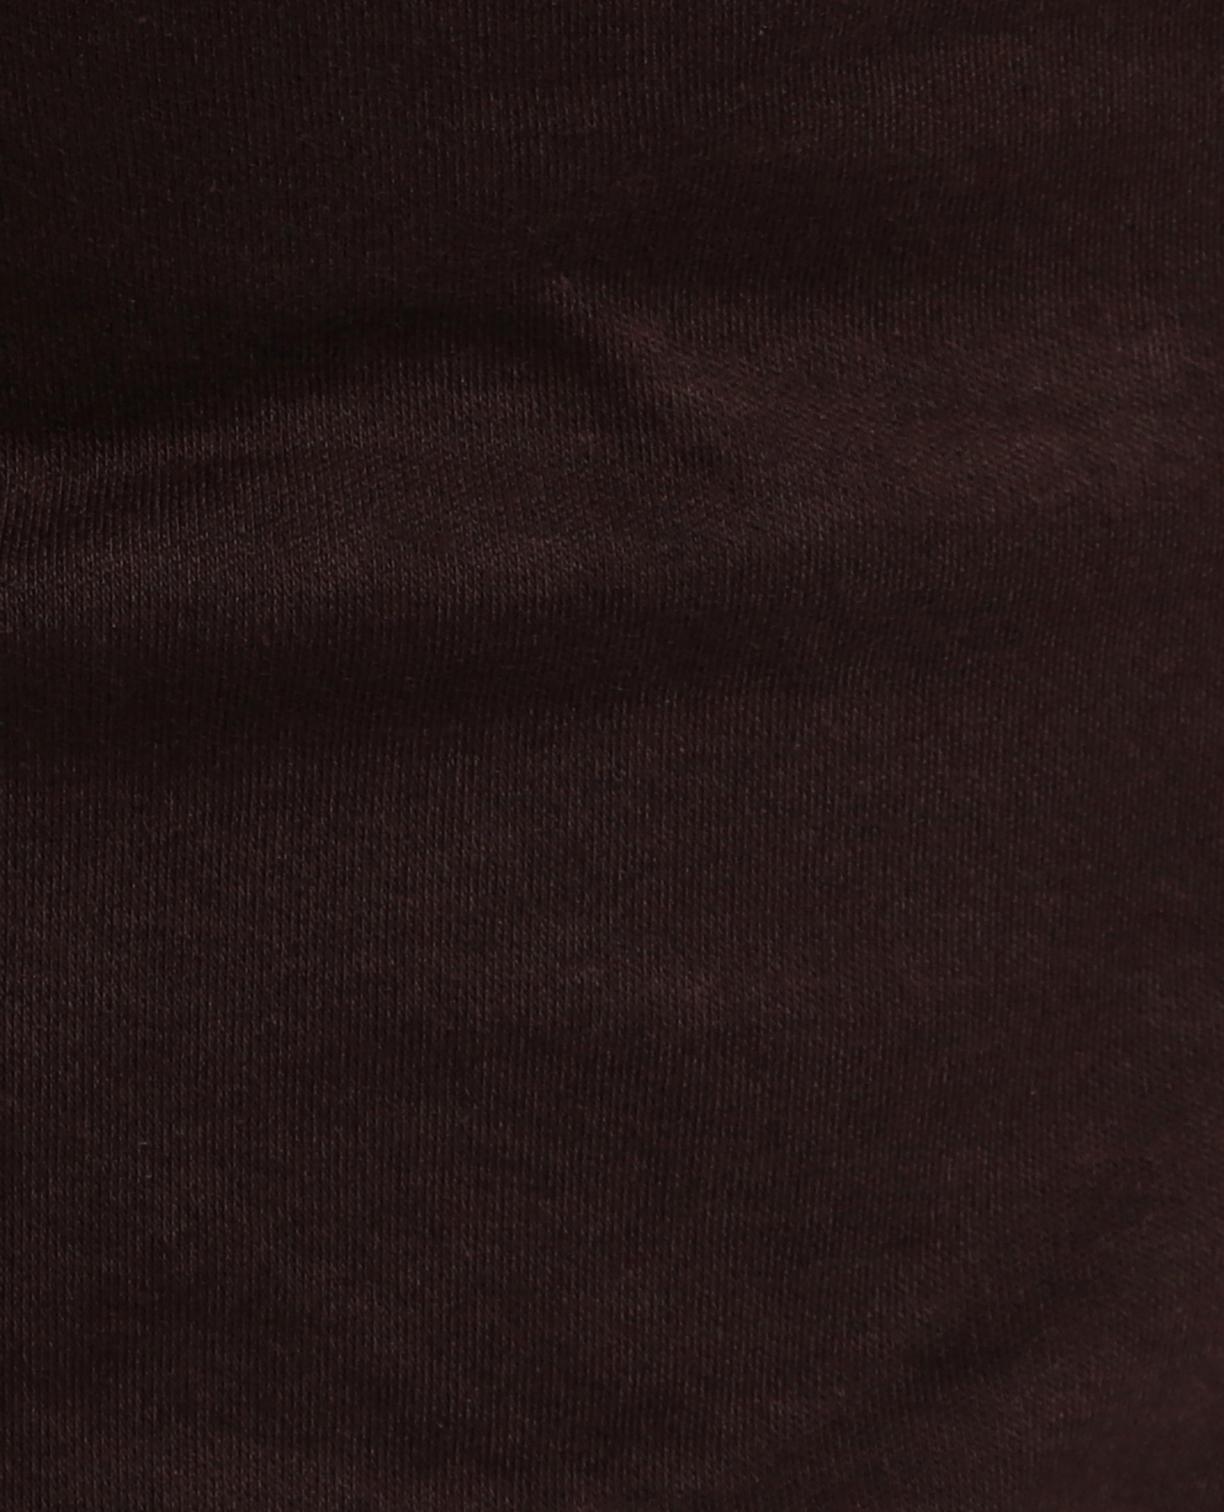 コットンスムースフリル半袖カットソーブラウス